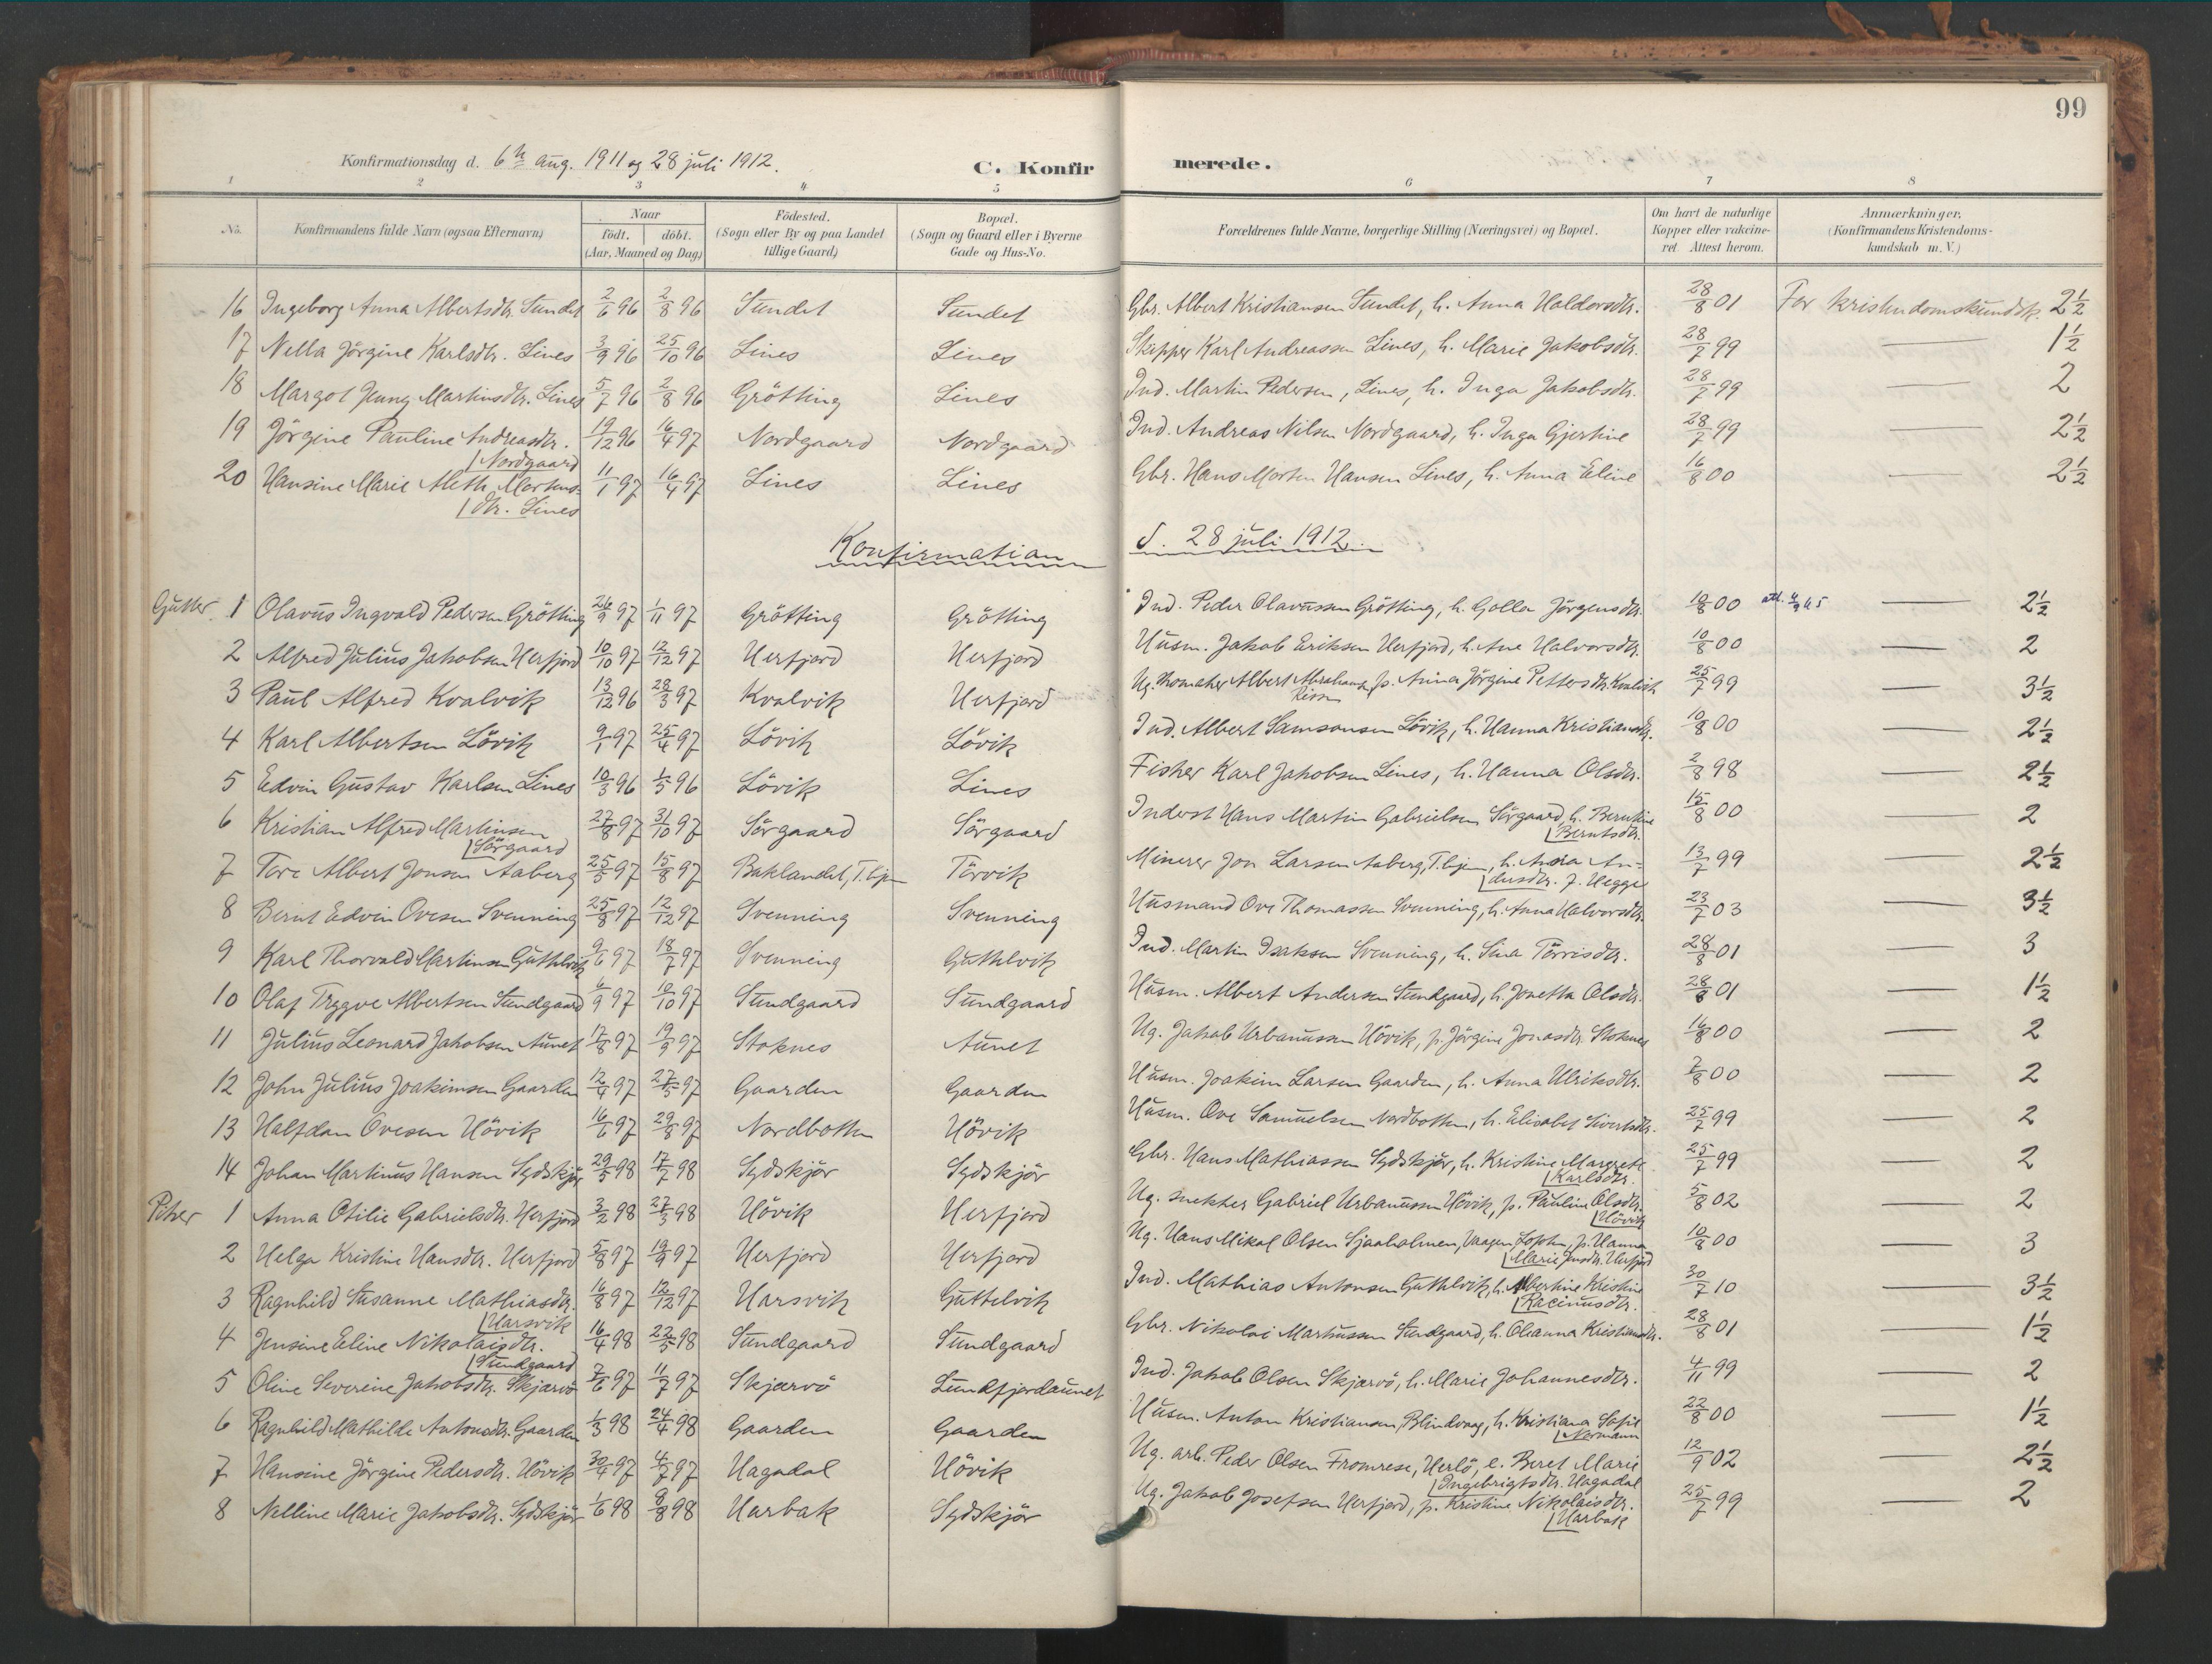 SAT, Ministerialprotokoller, klokkerbøker og fødselsregistre - Sør-Trøndelag, 656/L0693: Ministerialbok nr. 656A02, 1894-1913, s. 99